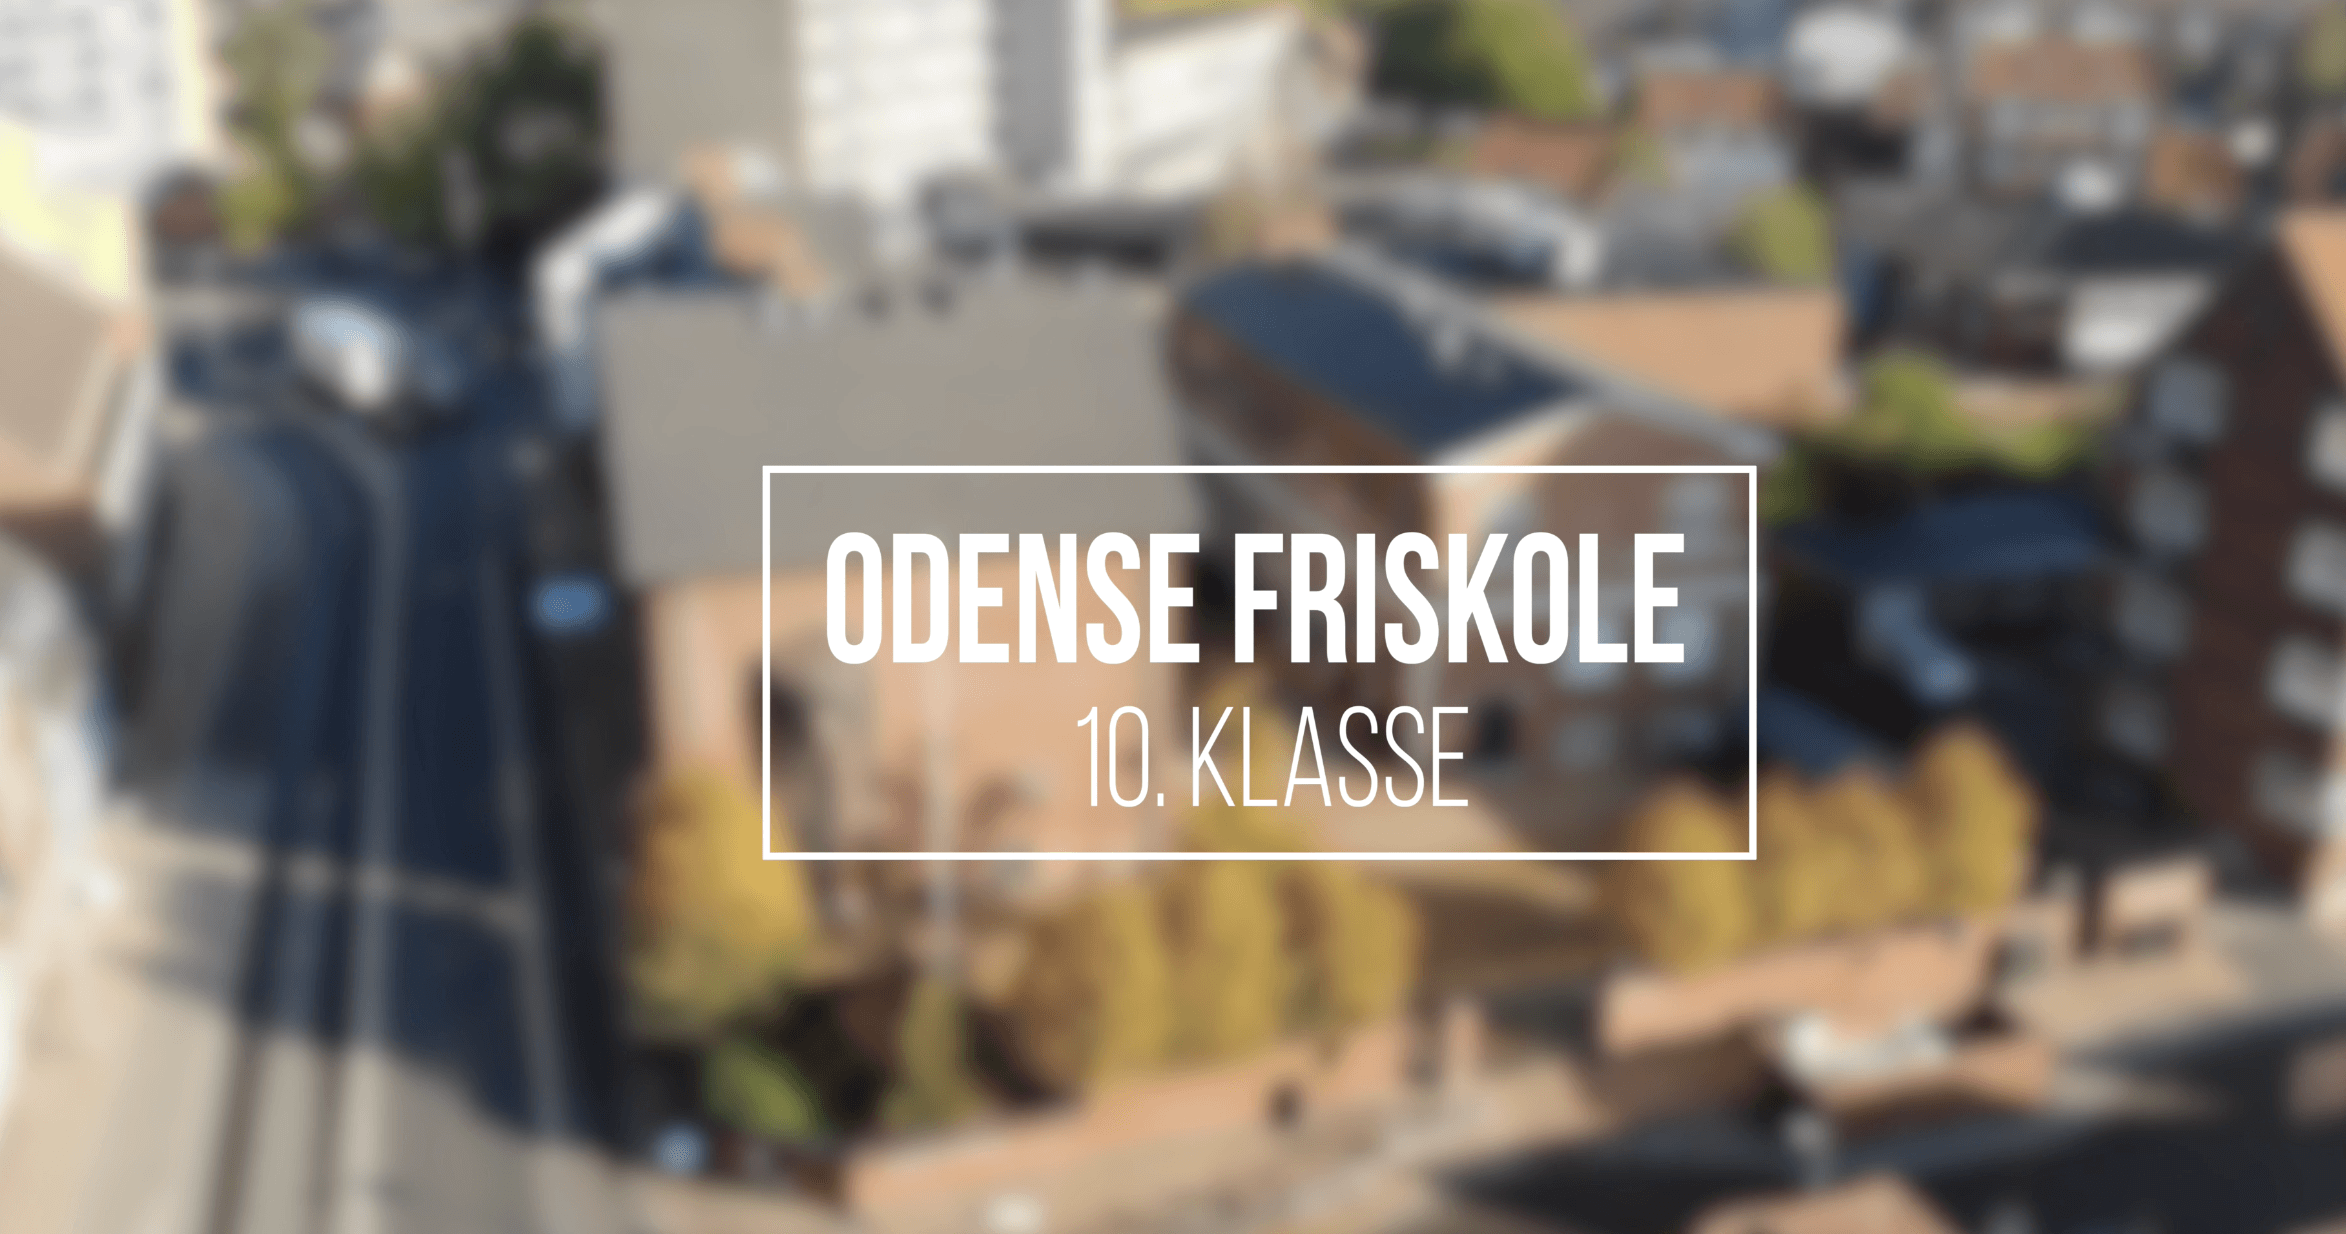 Odense friskole